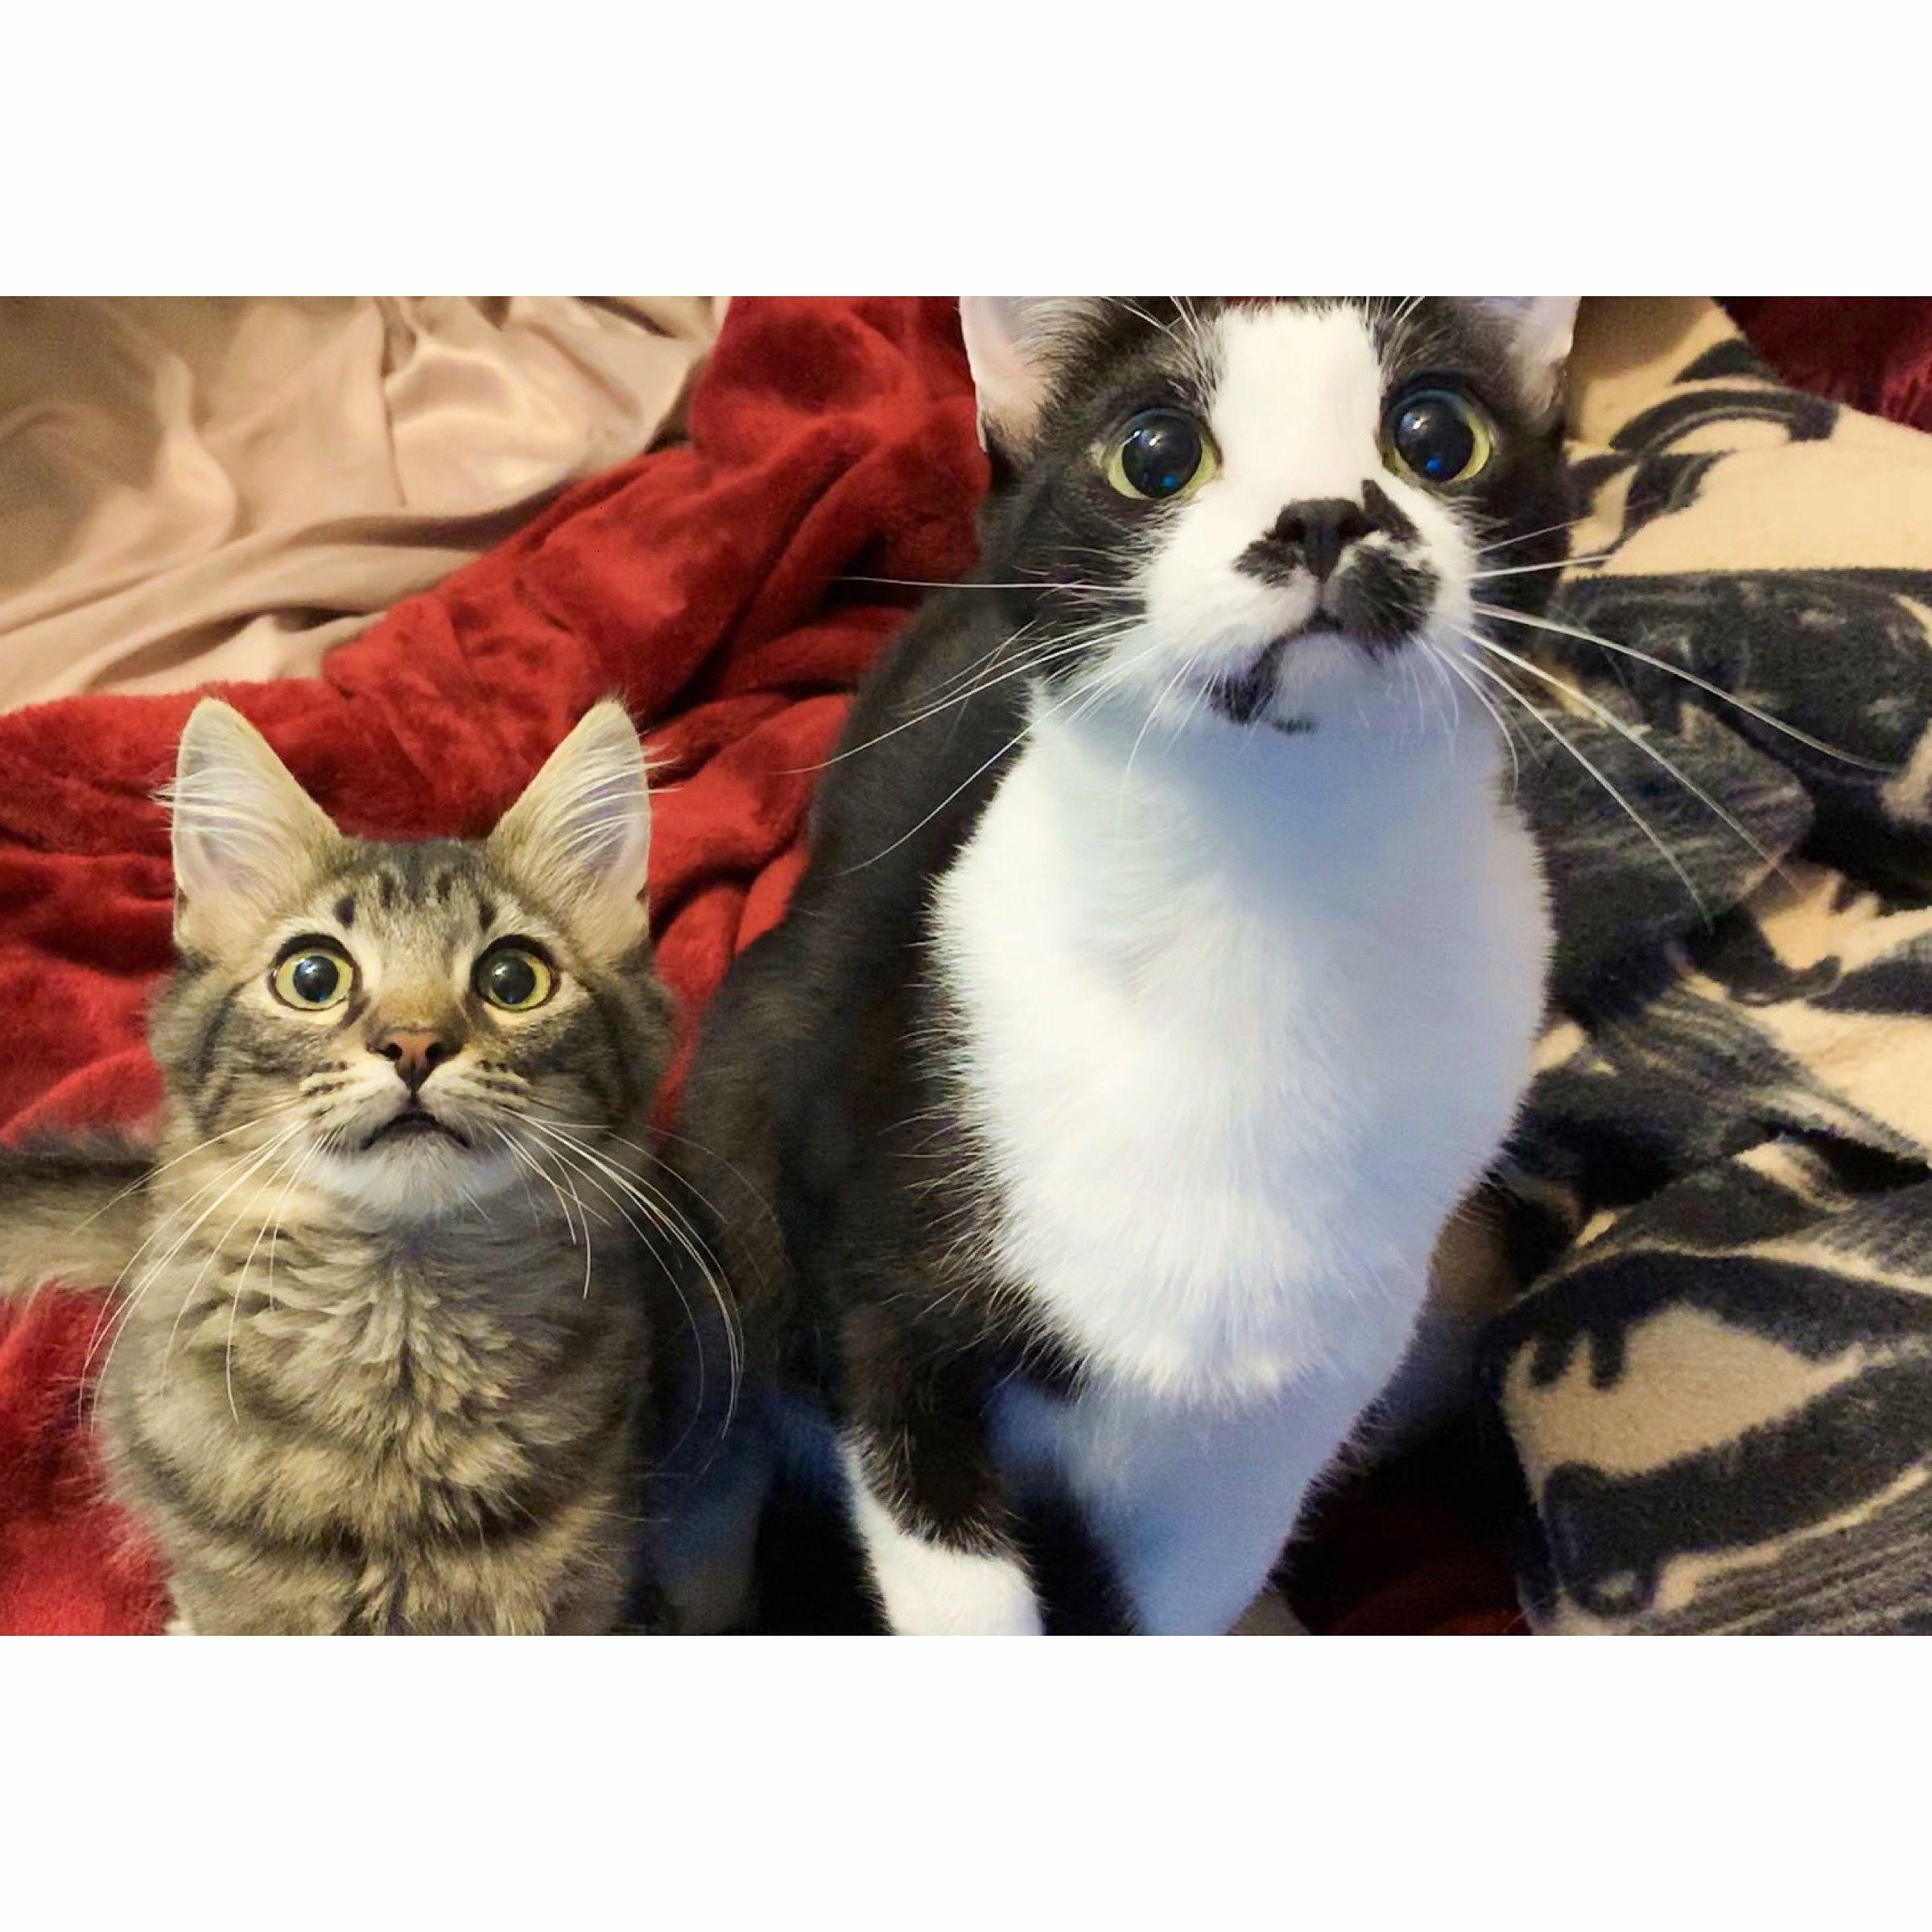 Black and white tuxedo cat, medium hair tabby kitten